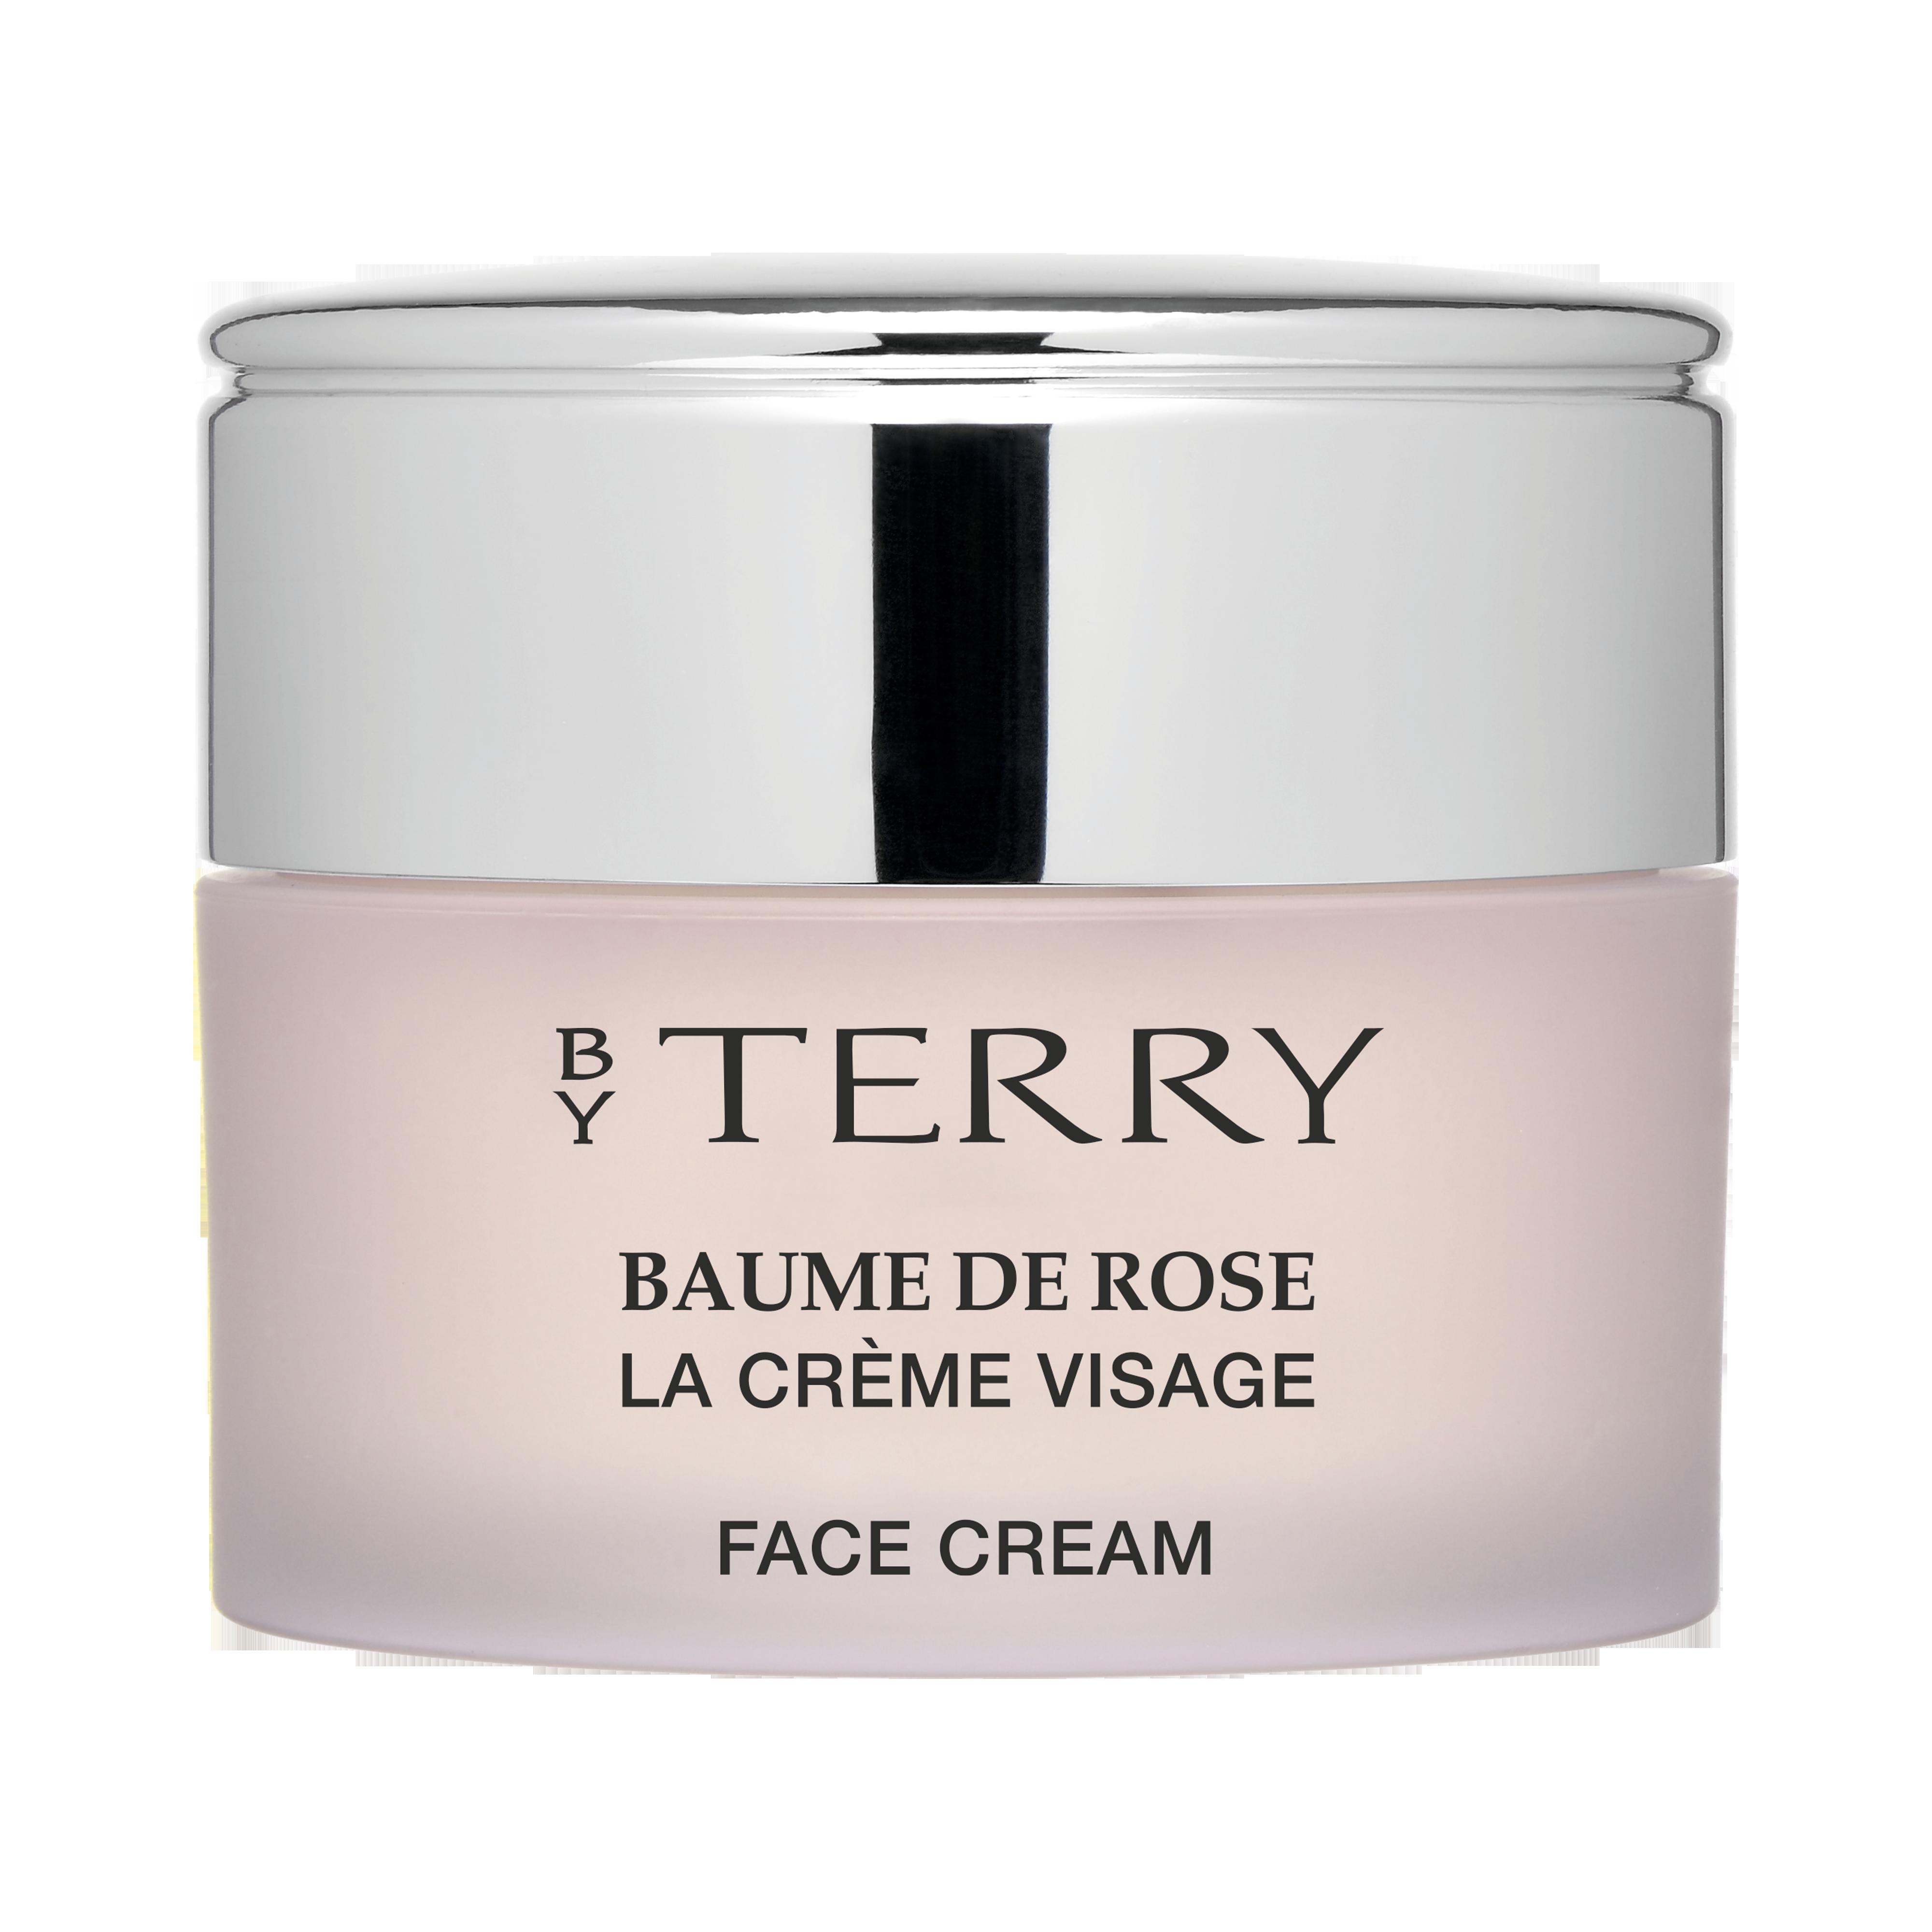 Baume de Rose Face Cream 50ml